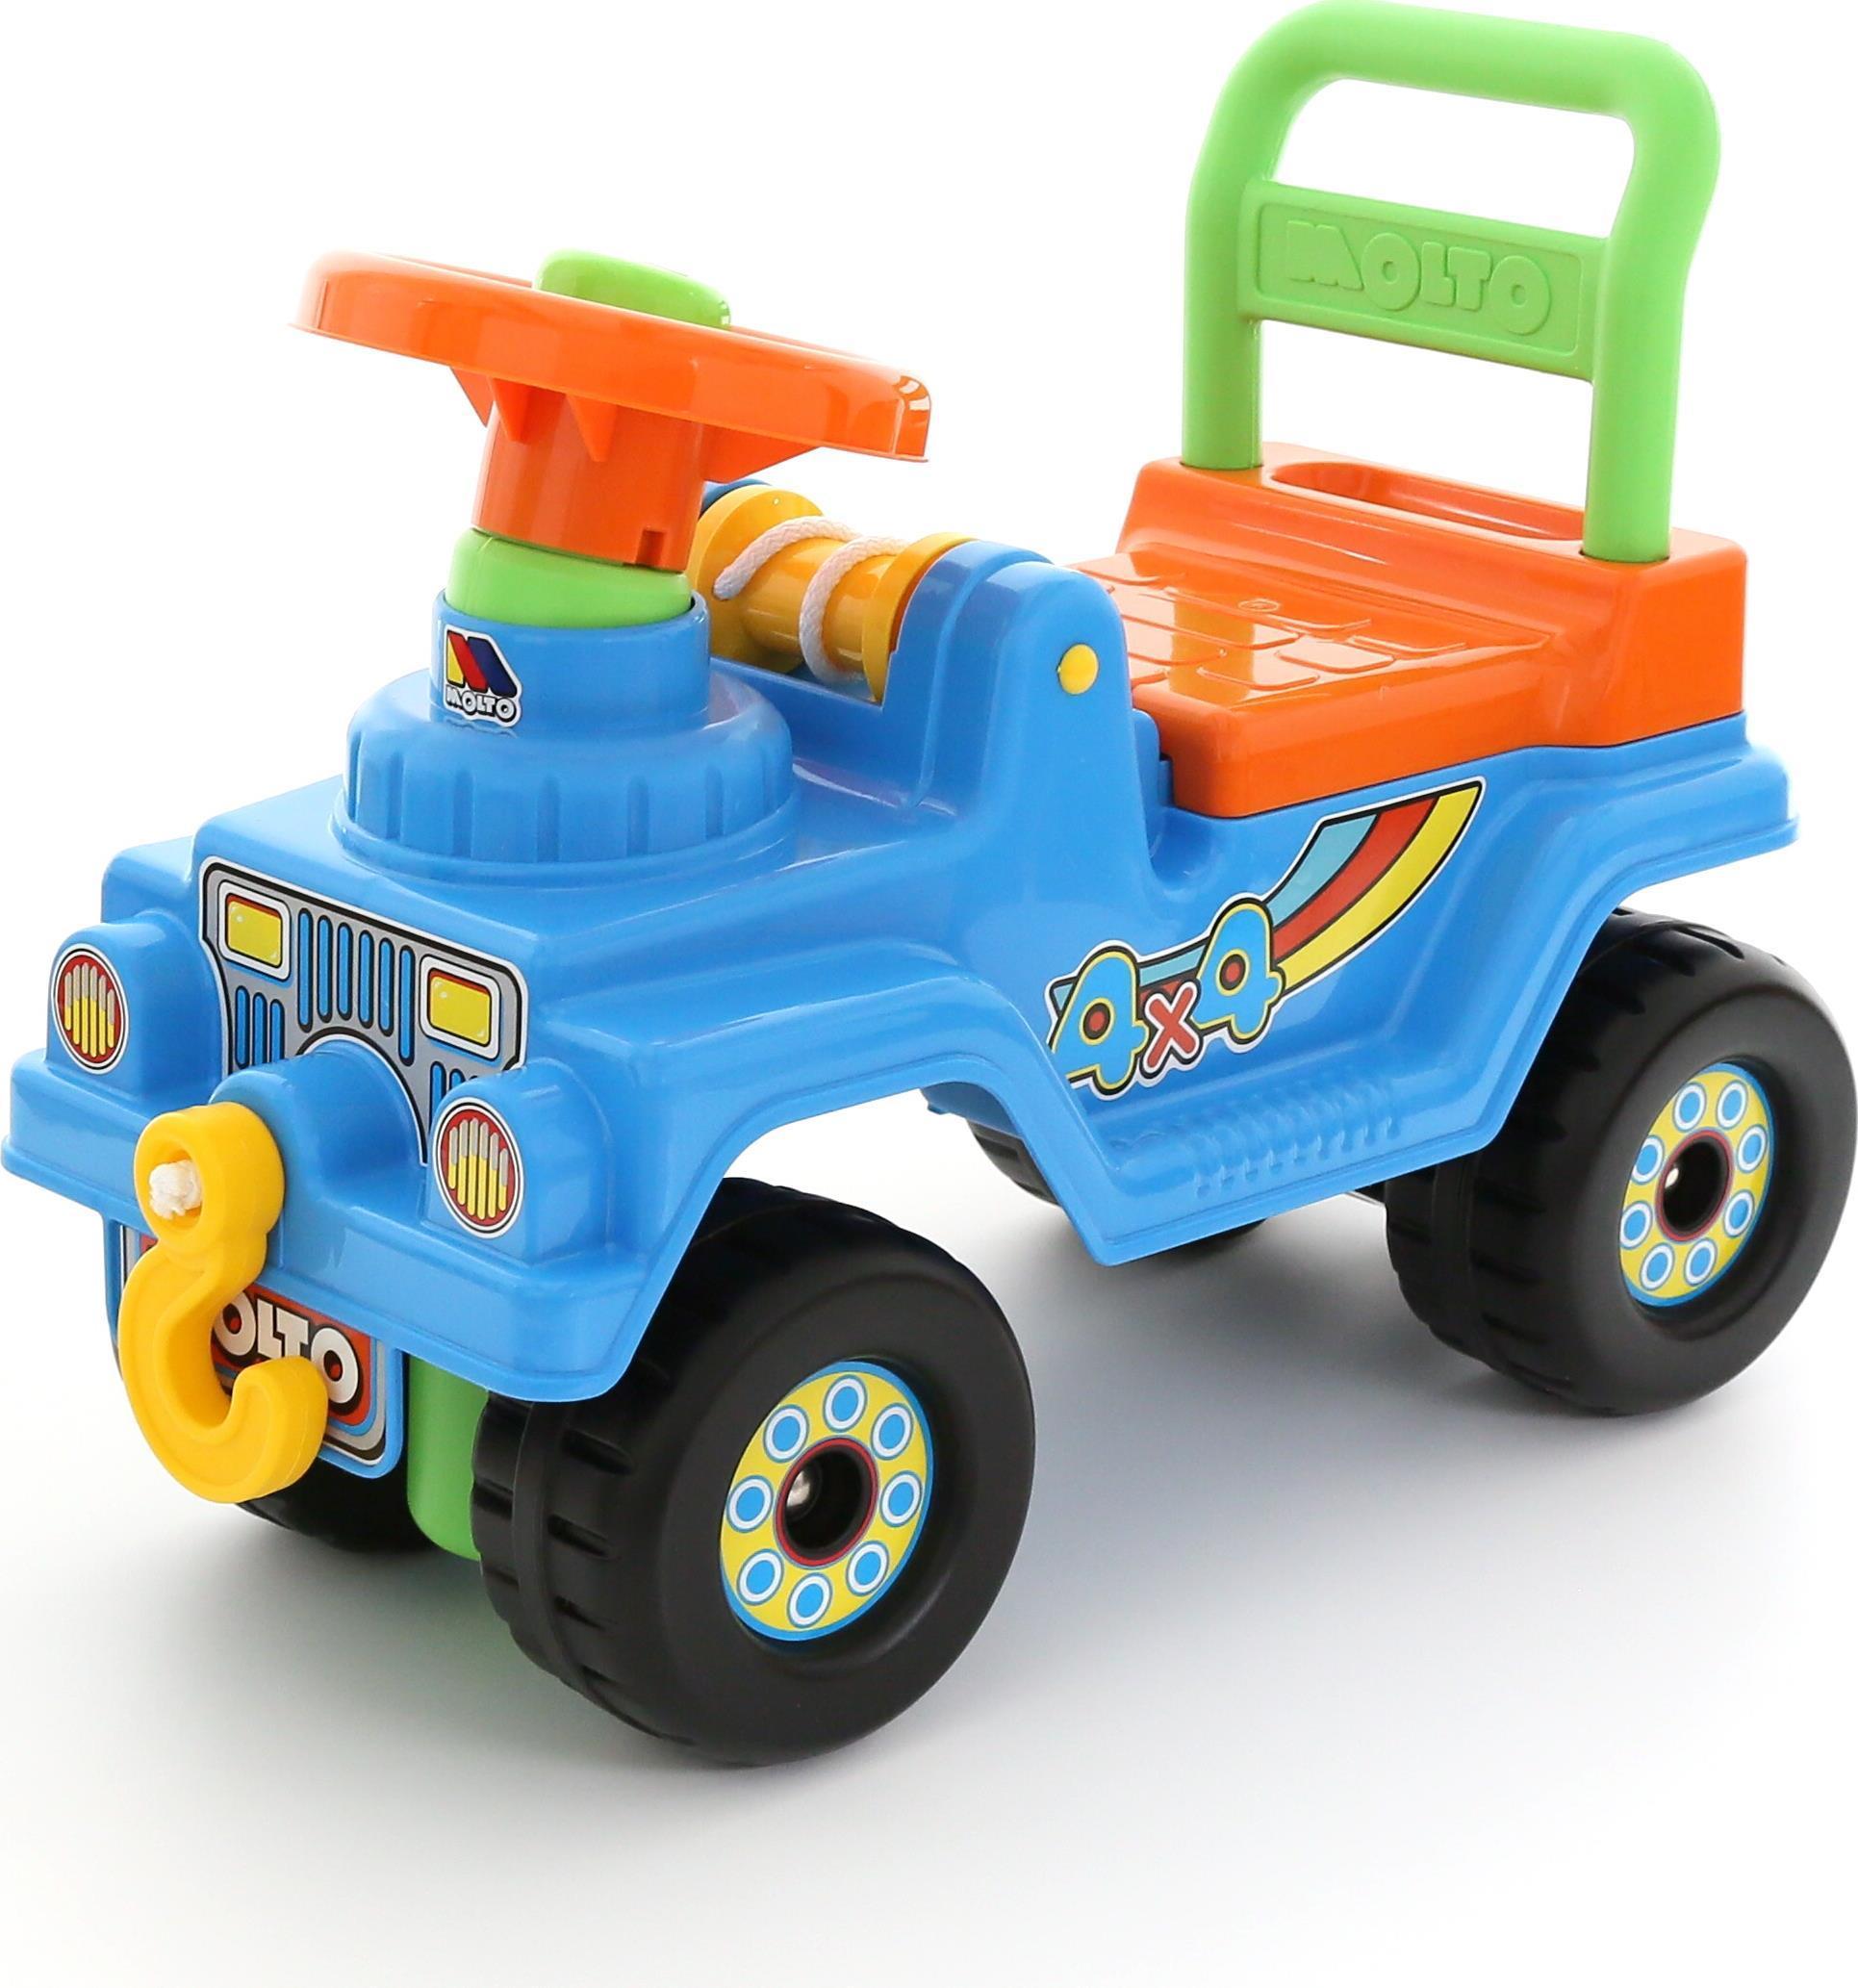 Джип 4х4 - №2, голубойМашинки-каталки для детей<br>Джип 4х4 - №2, голубой<br>